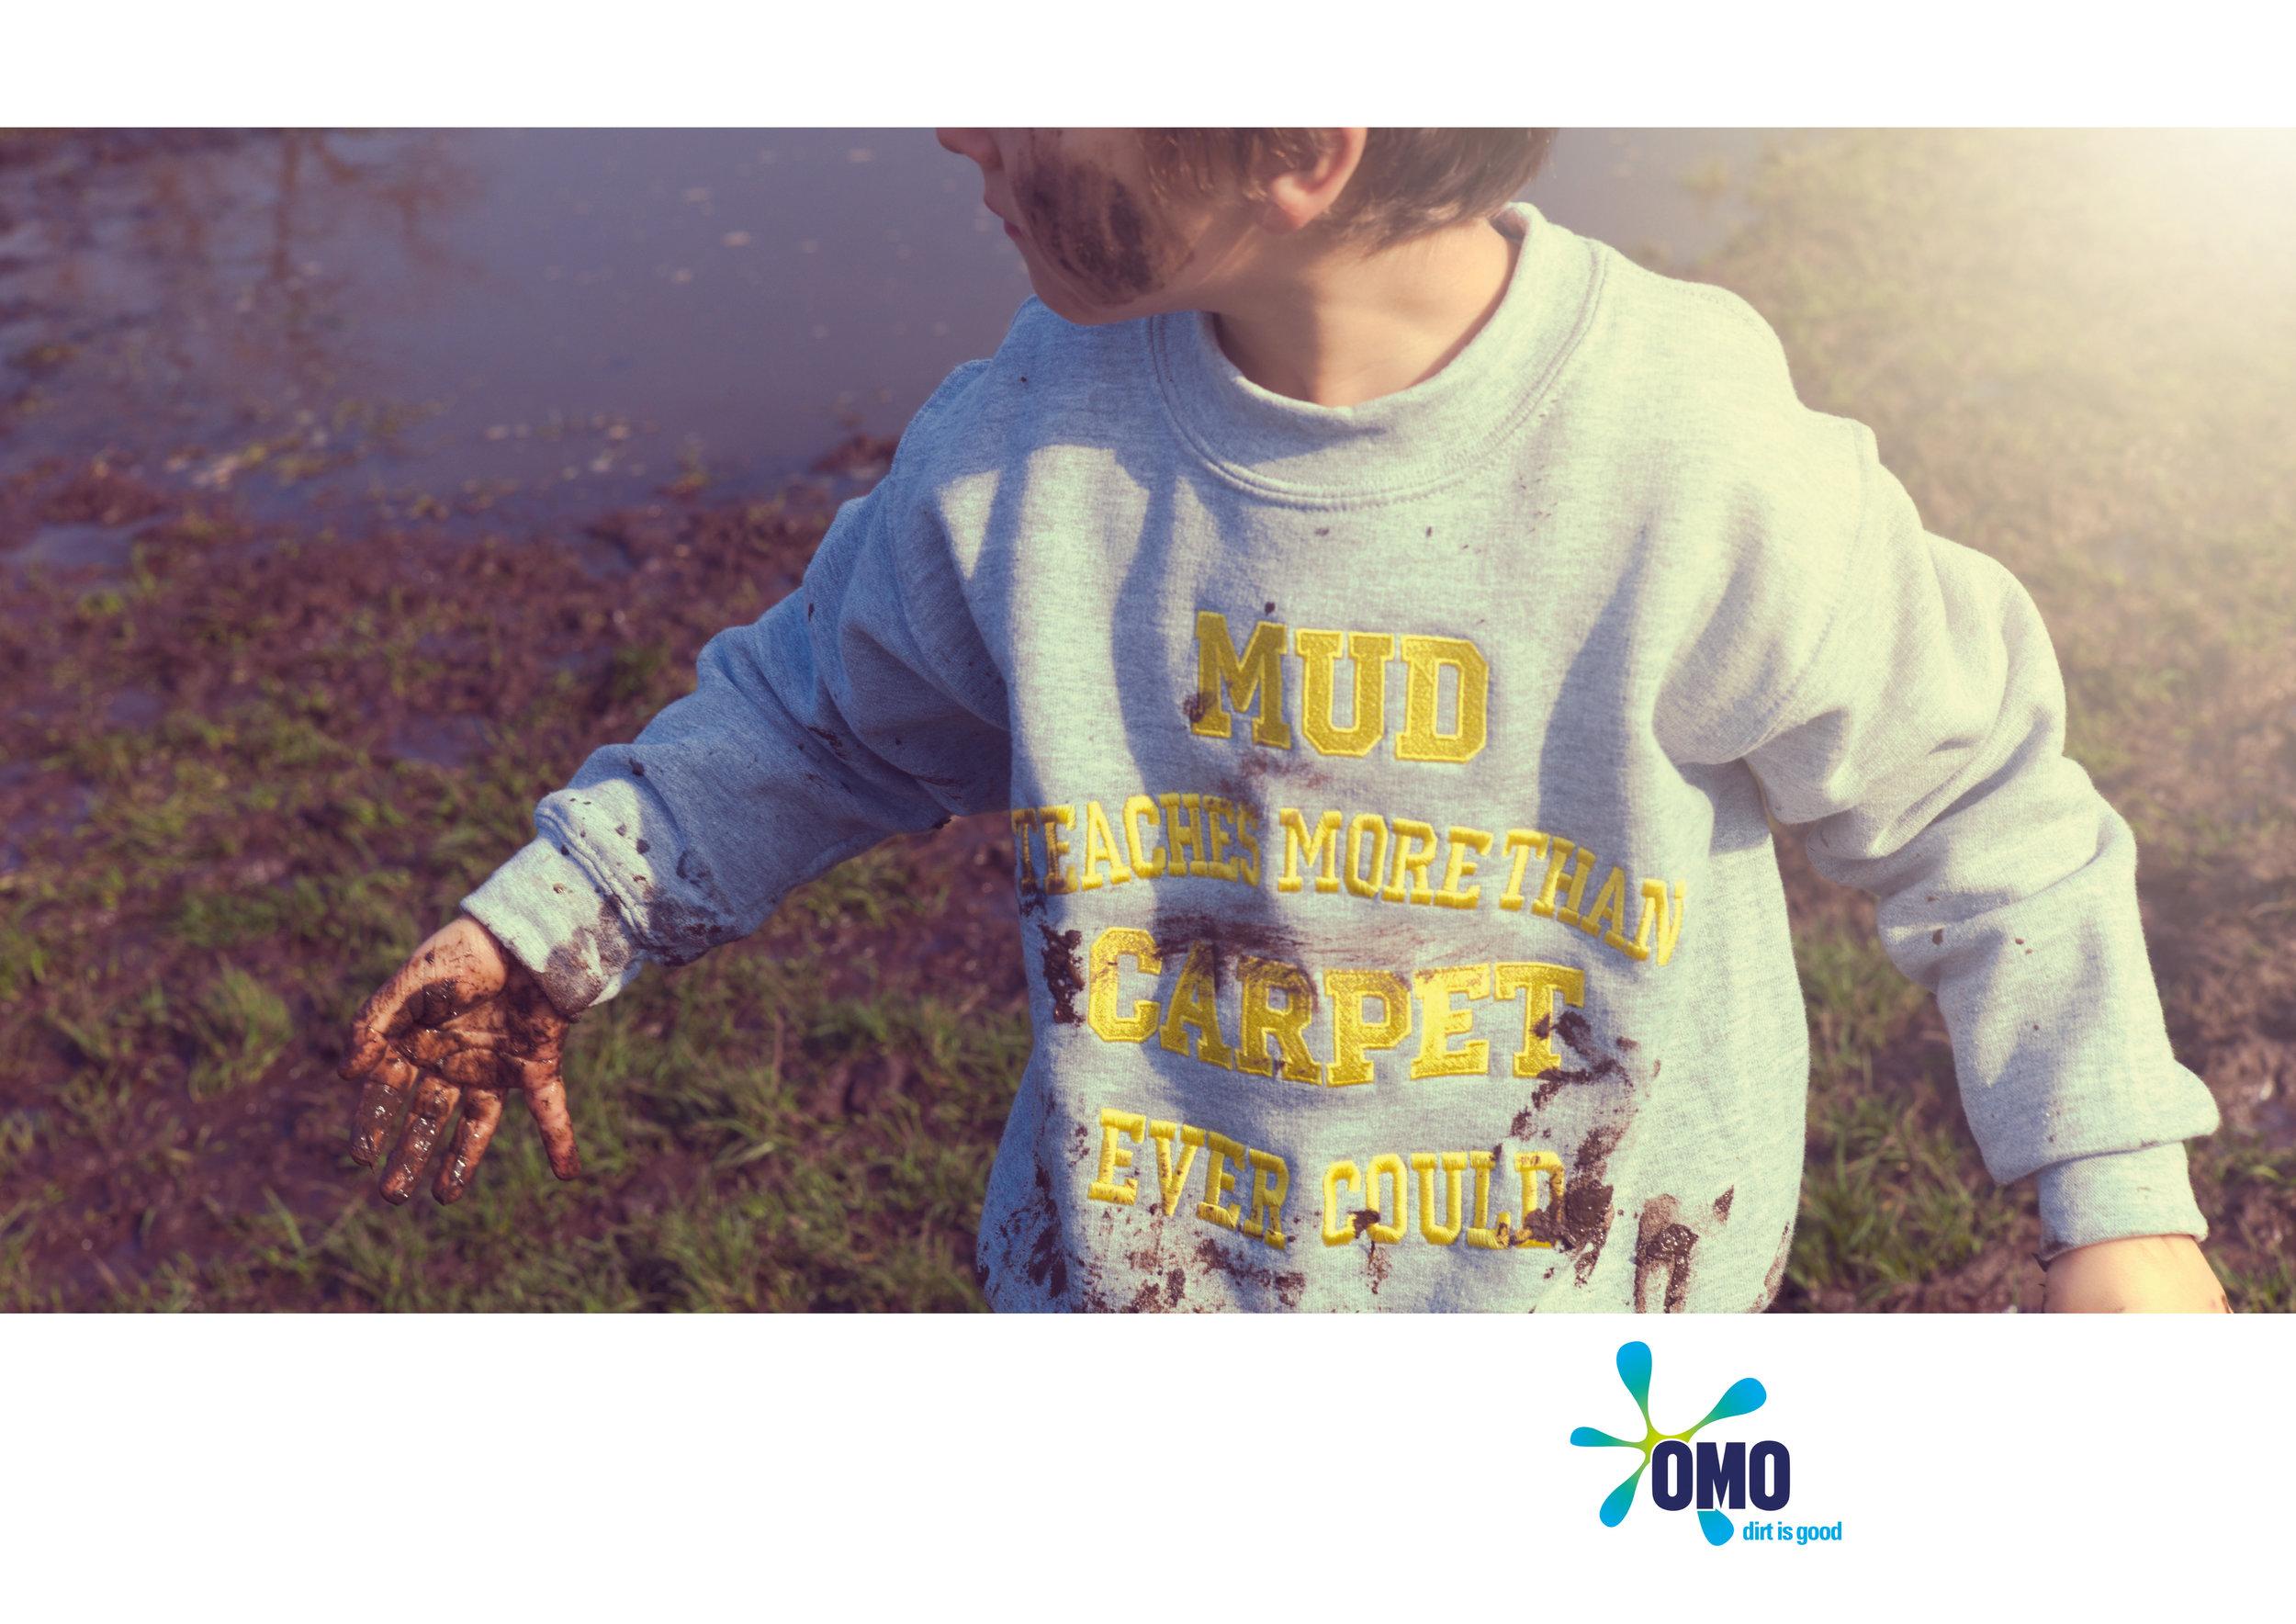 10. Mud_OMO.jpg